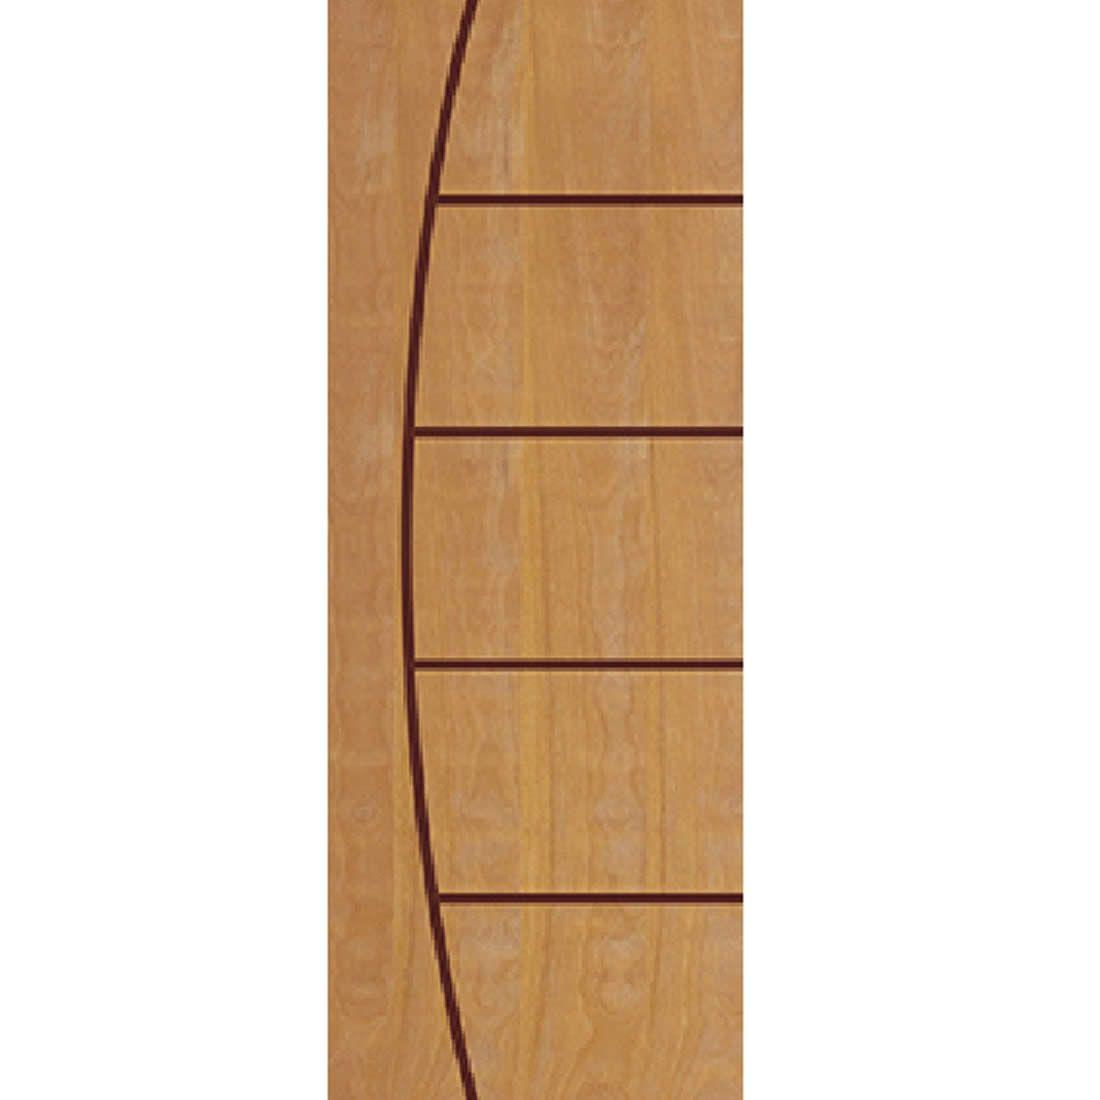 Porta 2,10 x 0,70m em Madeira Curupixa Semi Sólida Modelo 09 Frisada JB Paes